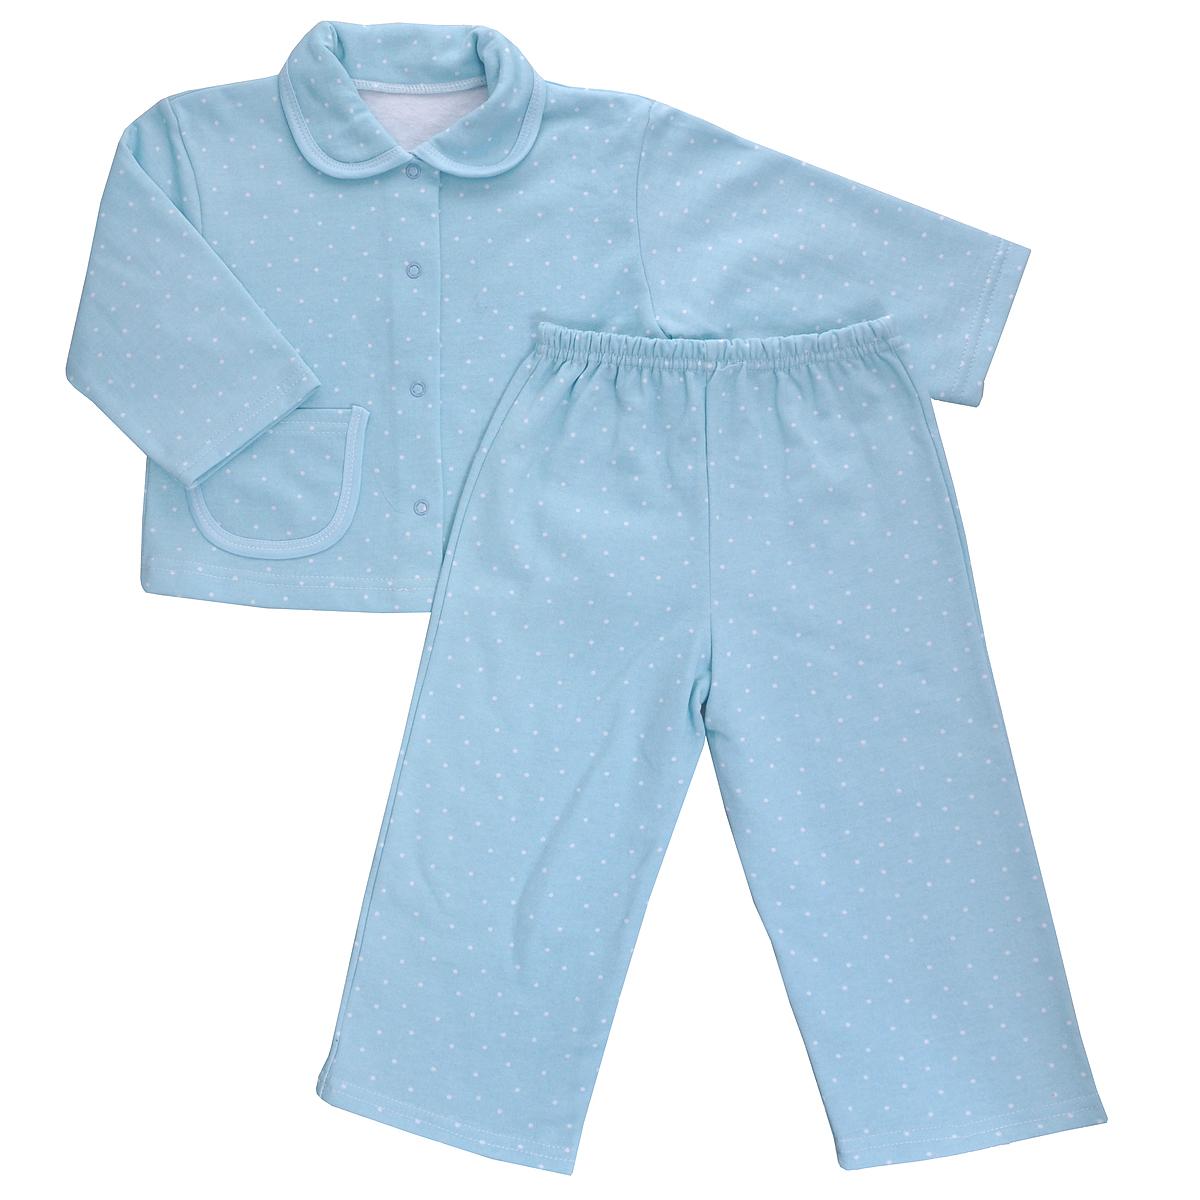 Пижама детская Трон-плюс, цвет: голубой, белый, рисунок горох. 5552. Размер 80/86, 1-2 года5552Яркая детская пижама Трон-плюс, состоящая из кофточки и штанишек, идеально подойдет вашему малышу и станет отличным дополнением к детскому гардеробу. Теплая пижама, изготовленная из набивного футера - натурального хлопка, необычайно мягкая и легкая, не сковывает движения ребенка, позволяет коже дышать и не раздражает даже самую нежную и чувствительную кожу малыша. Кофта с длинными рукавами имеет отложной воротничок и застегивается на кнопки, также оформлена небольшим накладным карманчиком. Штанишки на удобной резинке не сдавливают животик ребенка и не сползают.В такой пижаме ваш ребенок будет чувствовать себя комфортно и уютно во время сна.